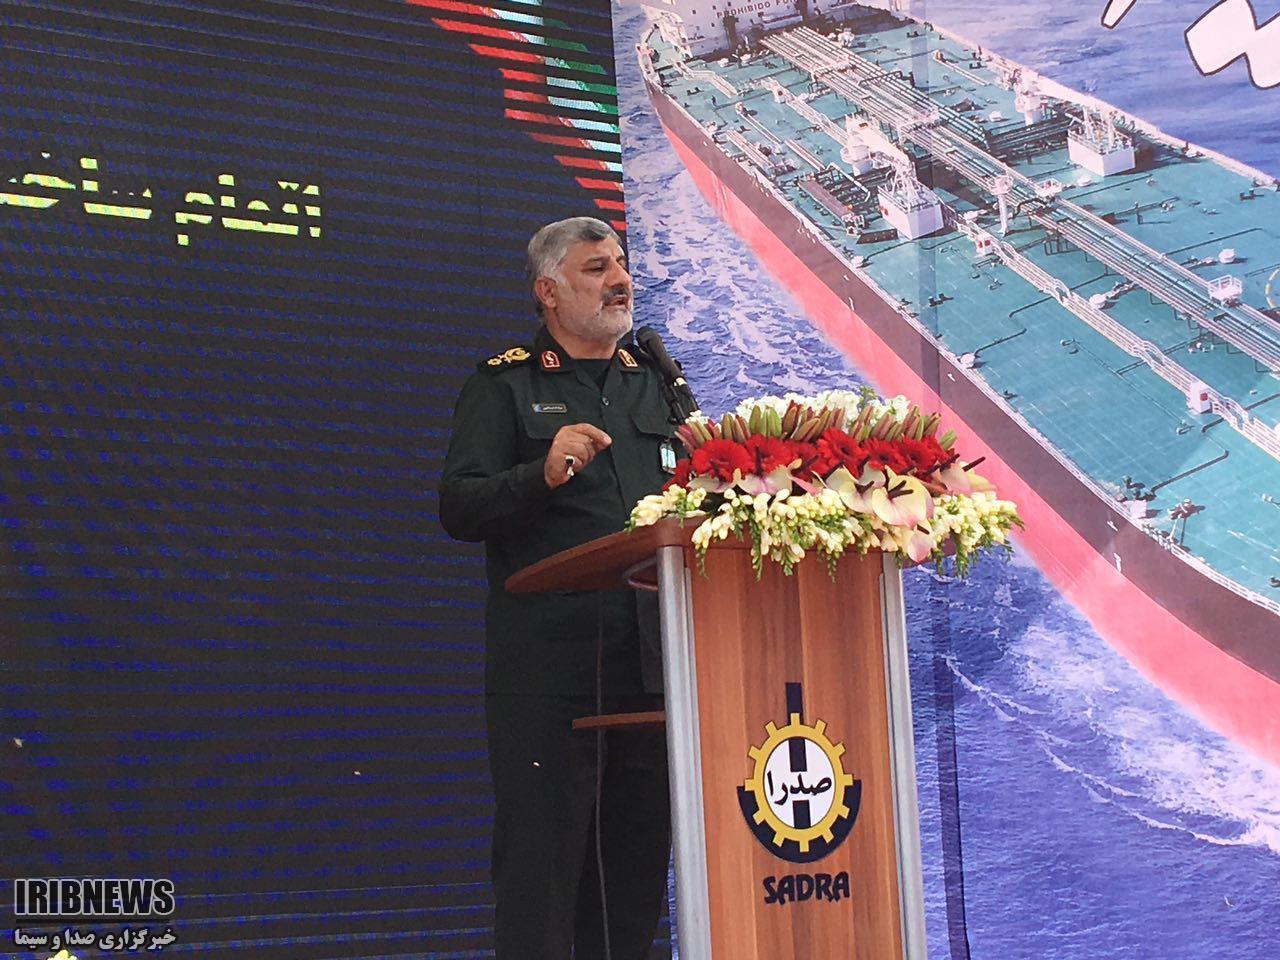 فرمانده قرارگاه سازندگی خاتم الانبیا:تحریم ها در همت جوانان ایران تاثیری ندارد.